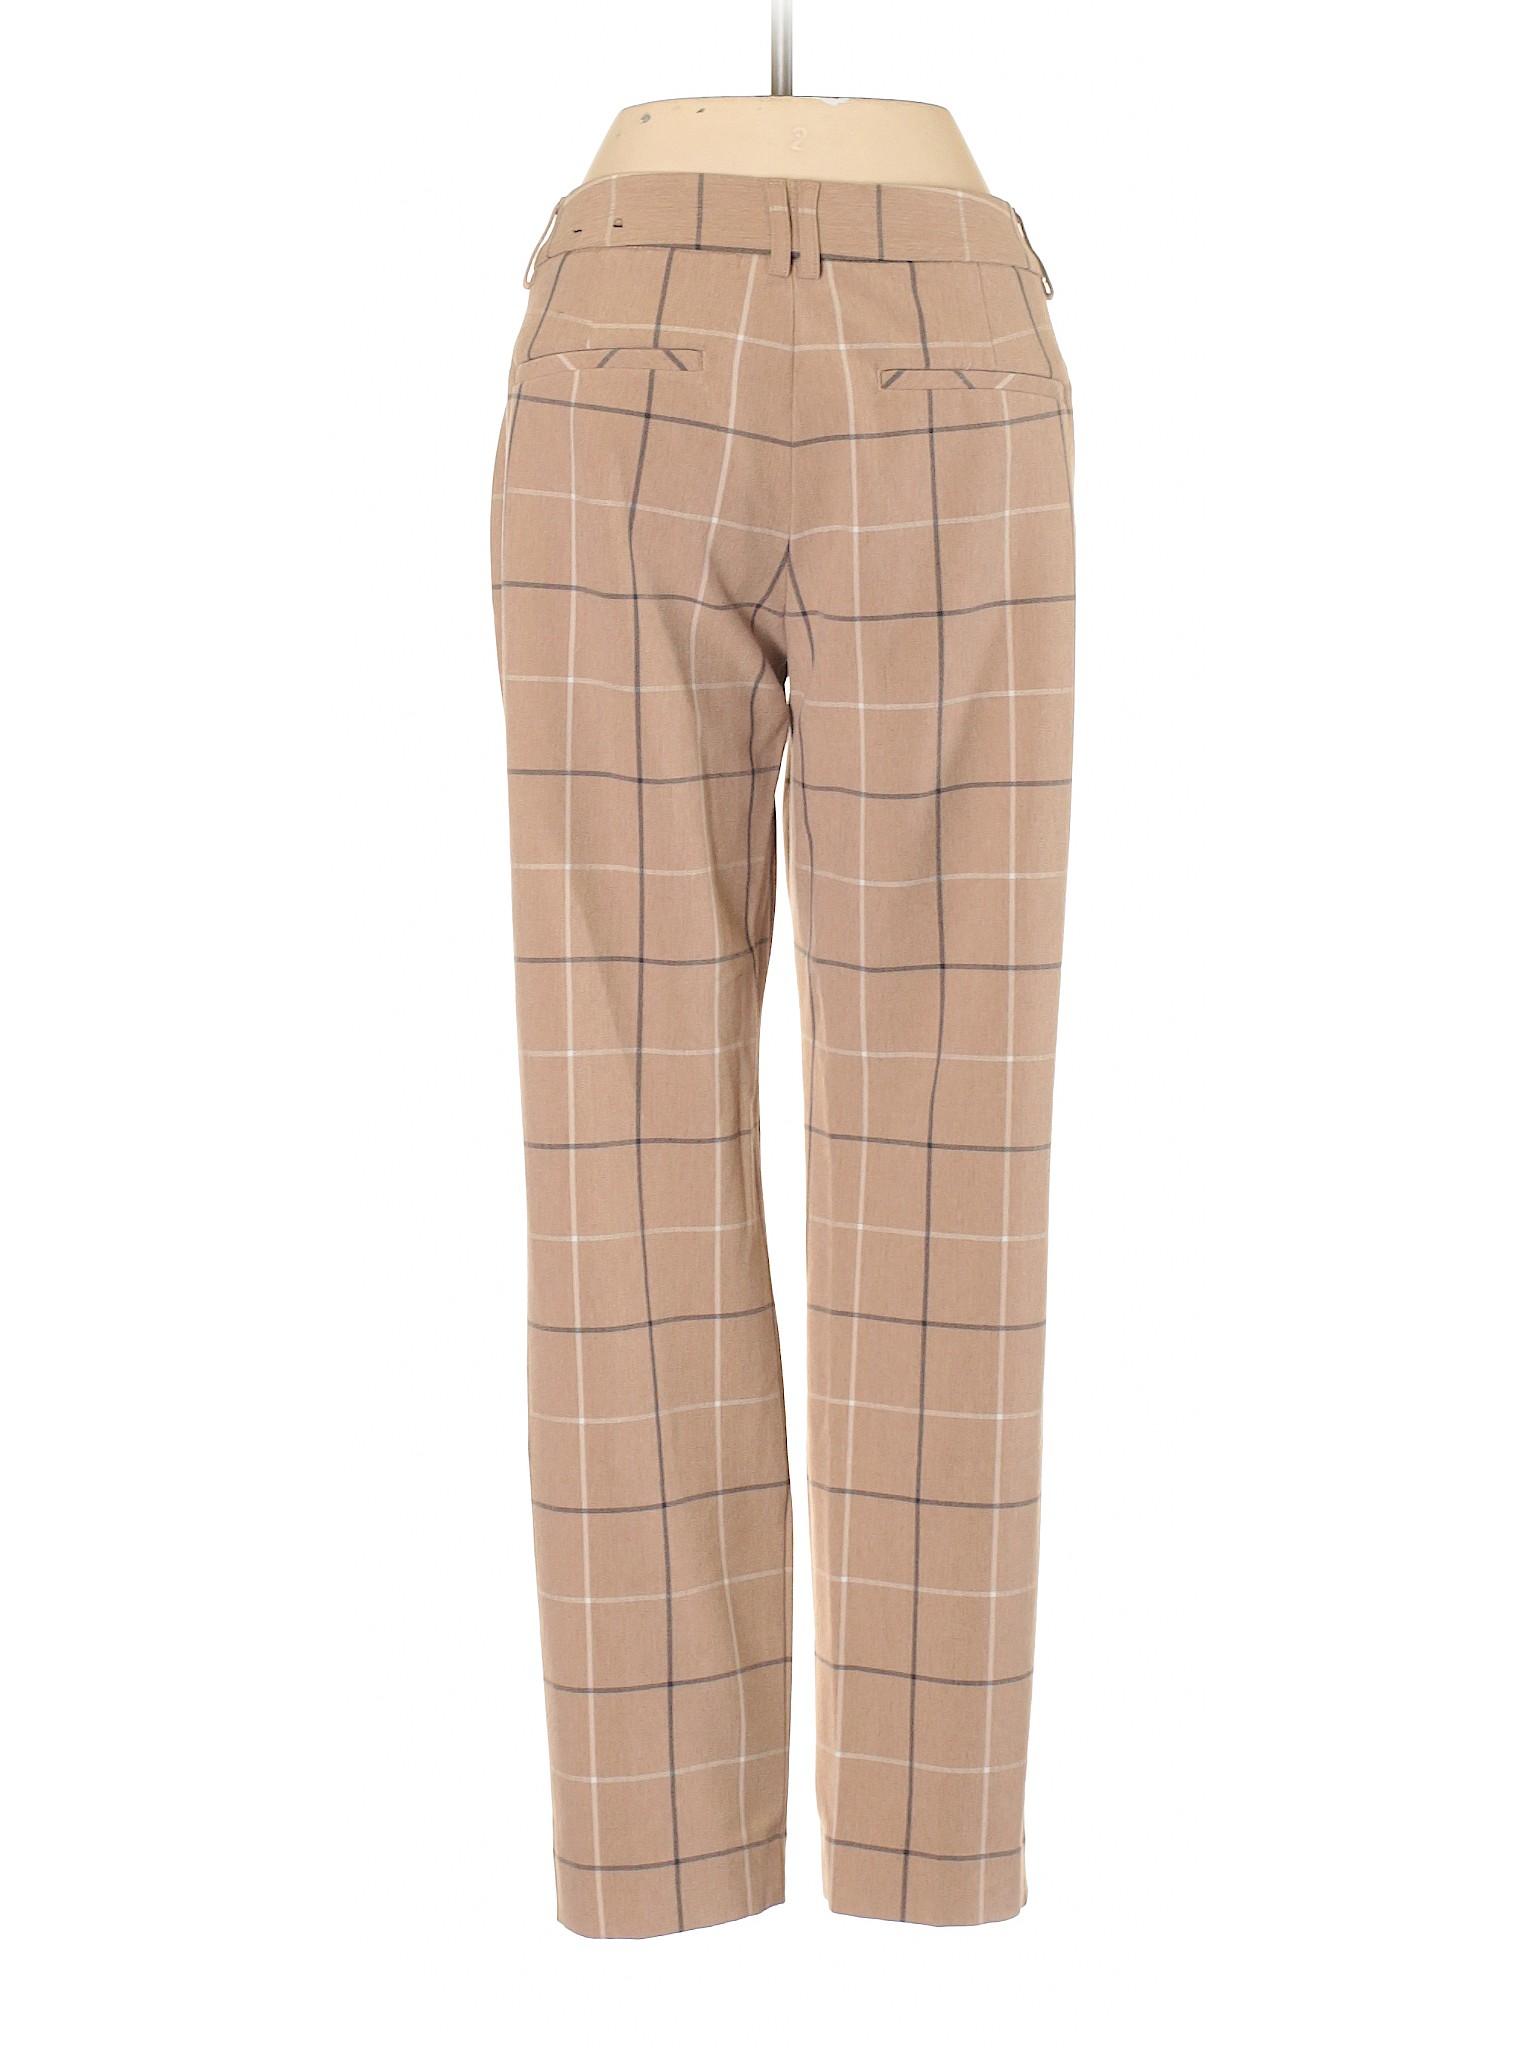 Boutique Pants leisure Boutique Pants Express Express Dress Dress Boutique leisure qXw5n4tx6E